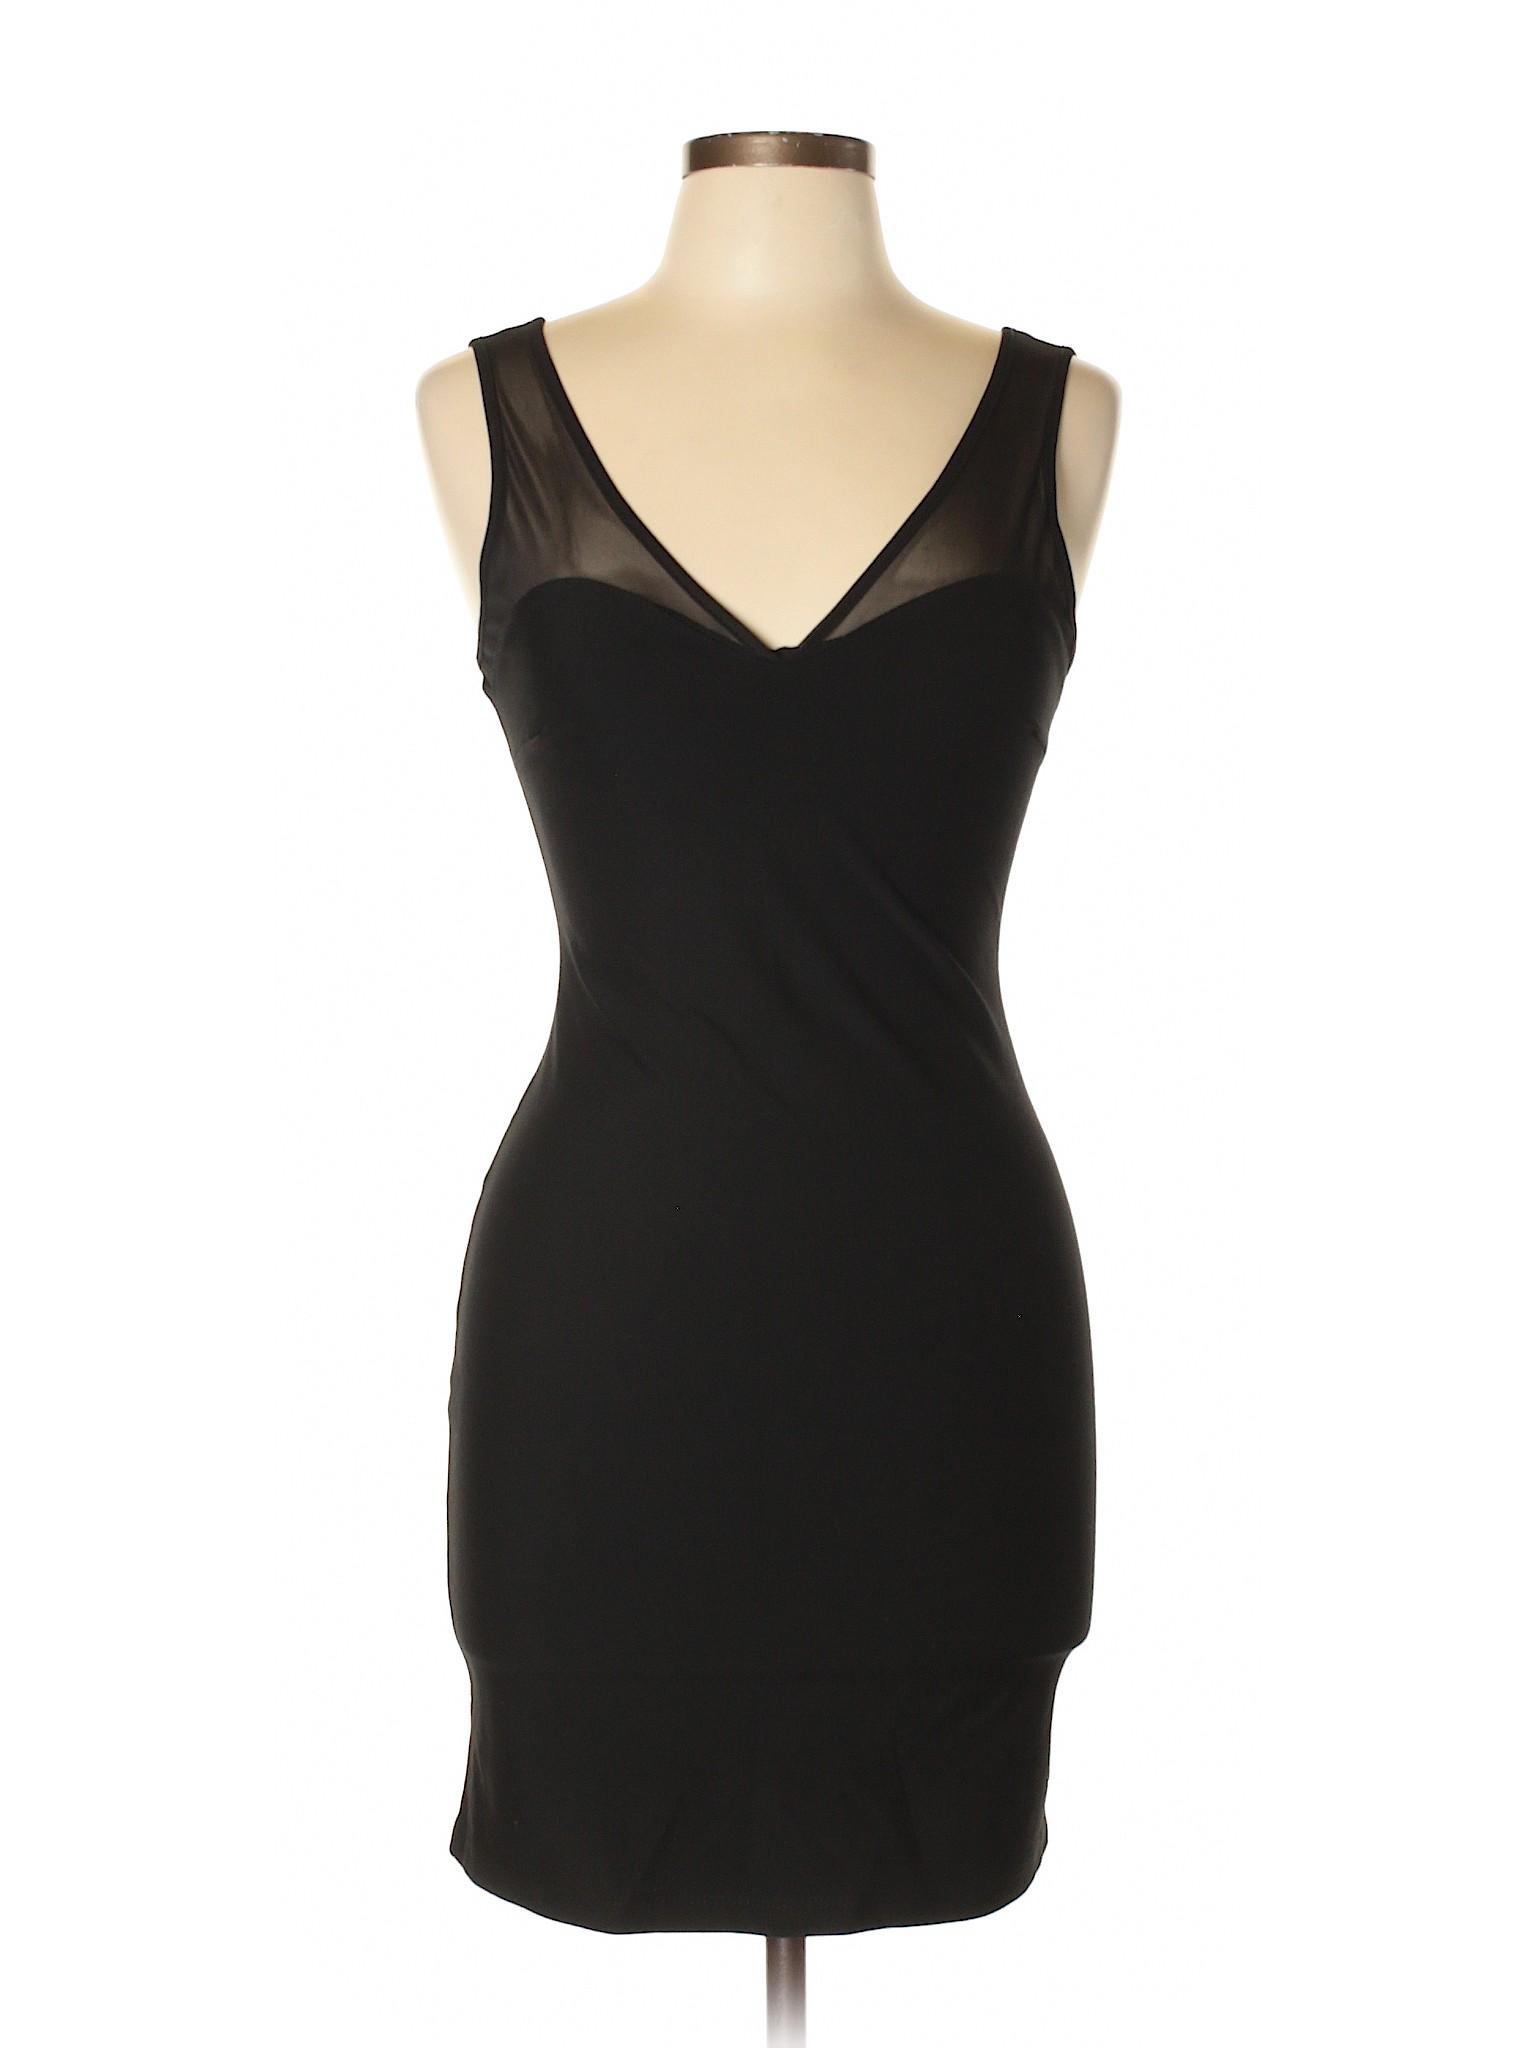 Boutique winter Dress winter Dress Boutique Casual Soprano Soprano Casual Casual Soprano winter Boutique qw8f6xF